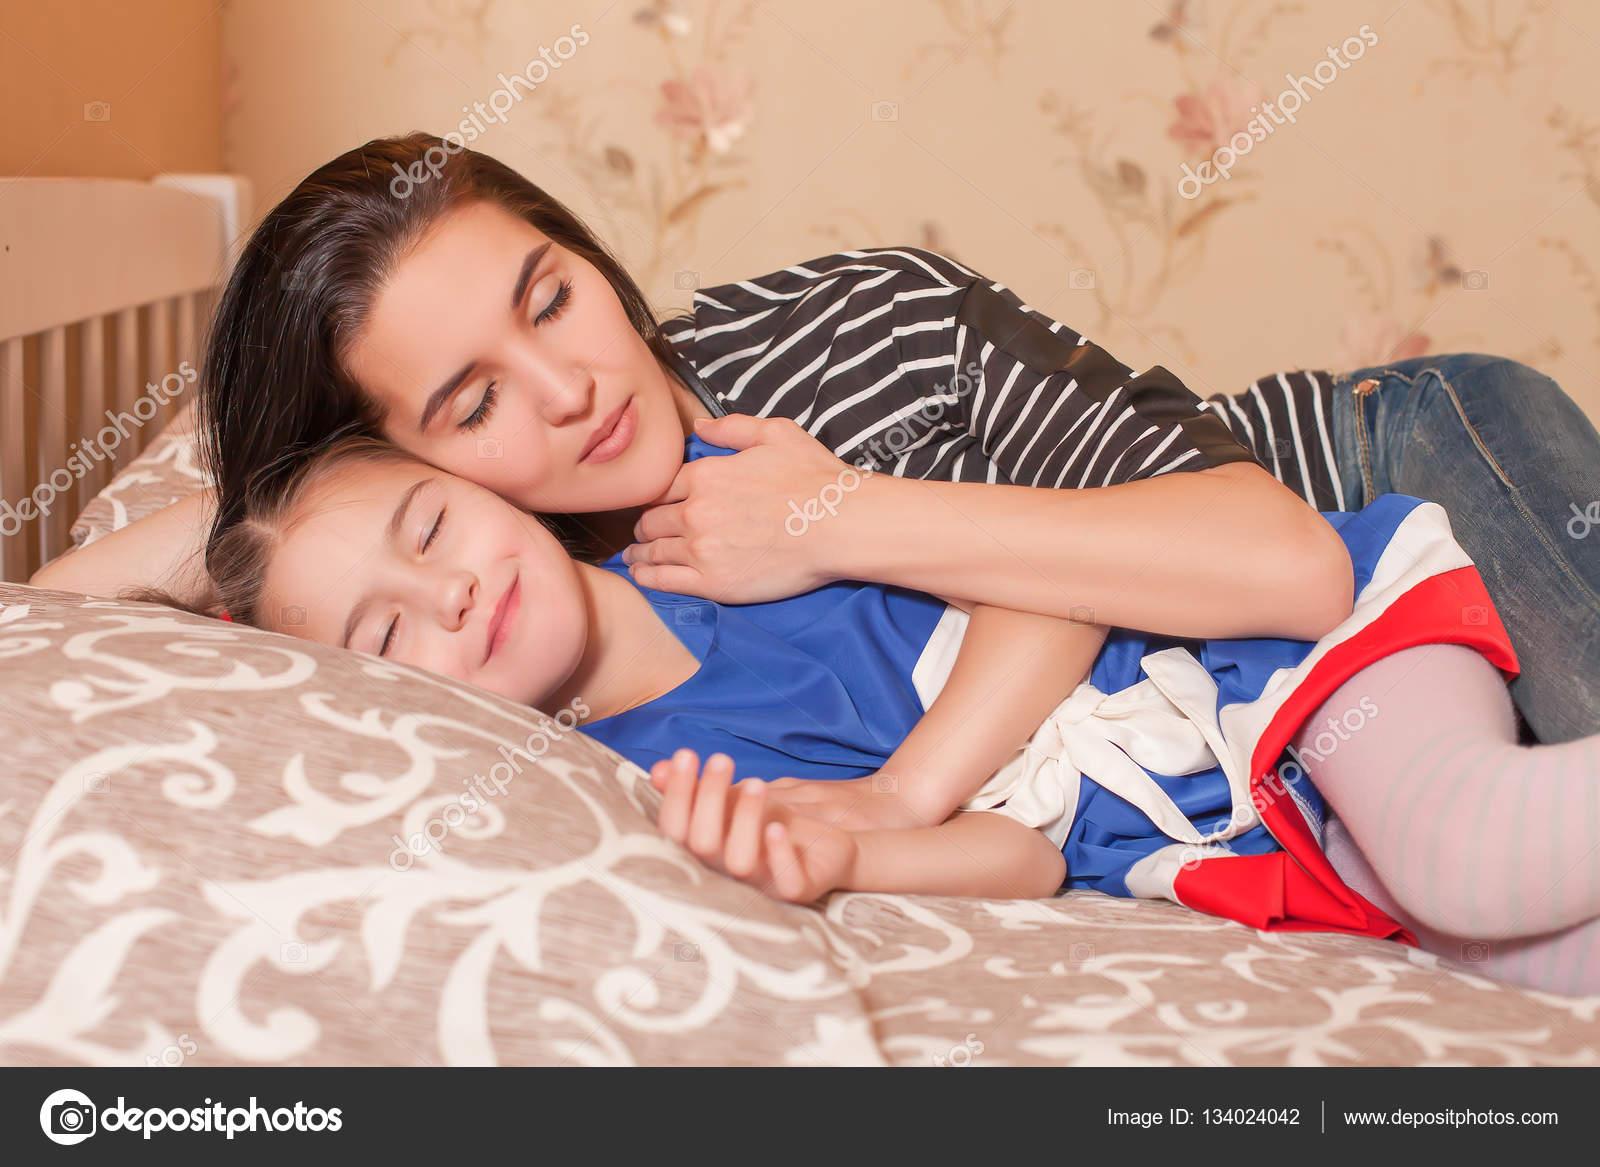 Тетя сосет пока спит, Тетка сосет член у спящего племянника, разбудила для 21 фотография